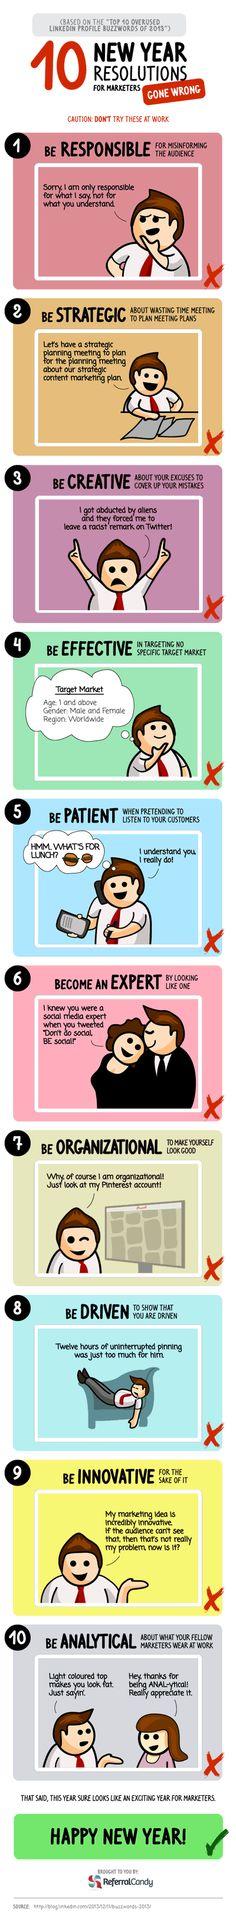 10 propósitos de Año Nuevo en Marketing, que pueden terminar mal